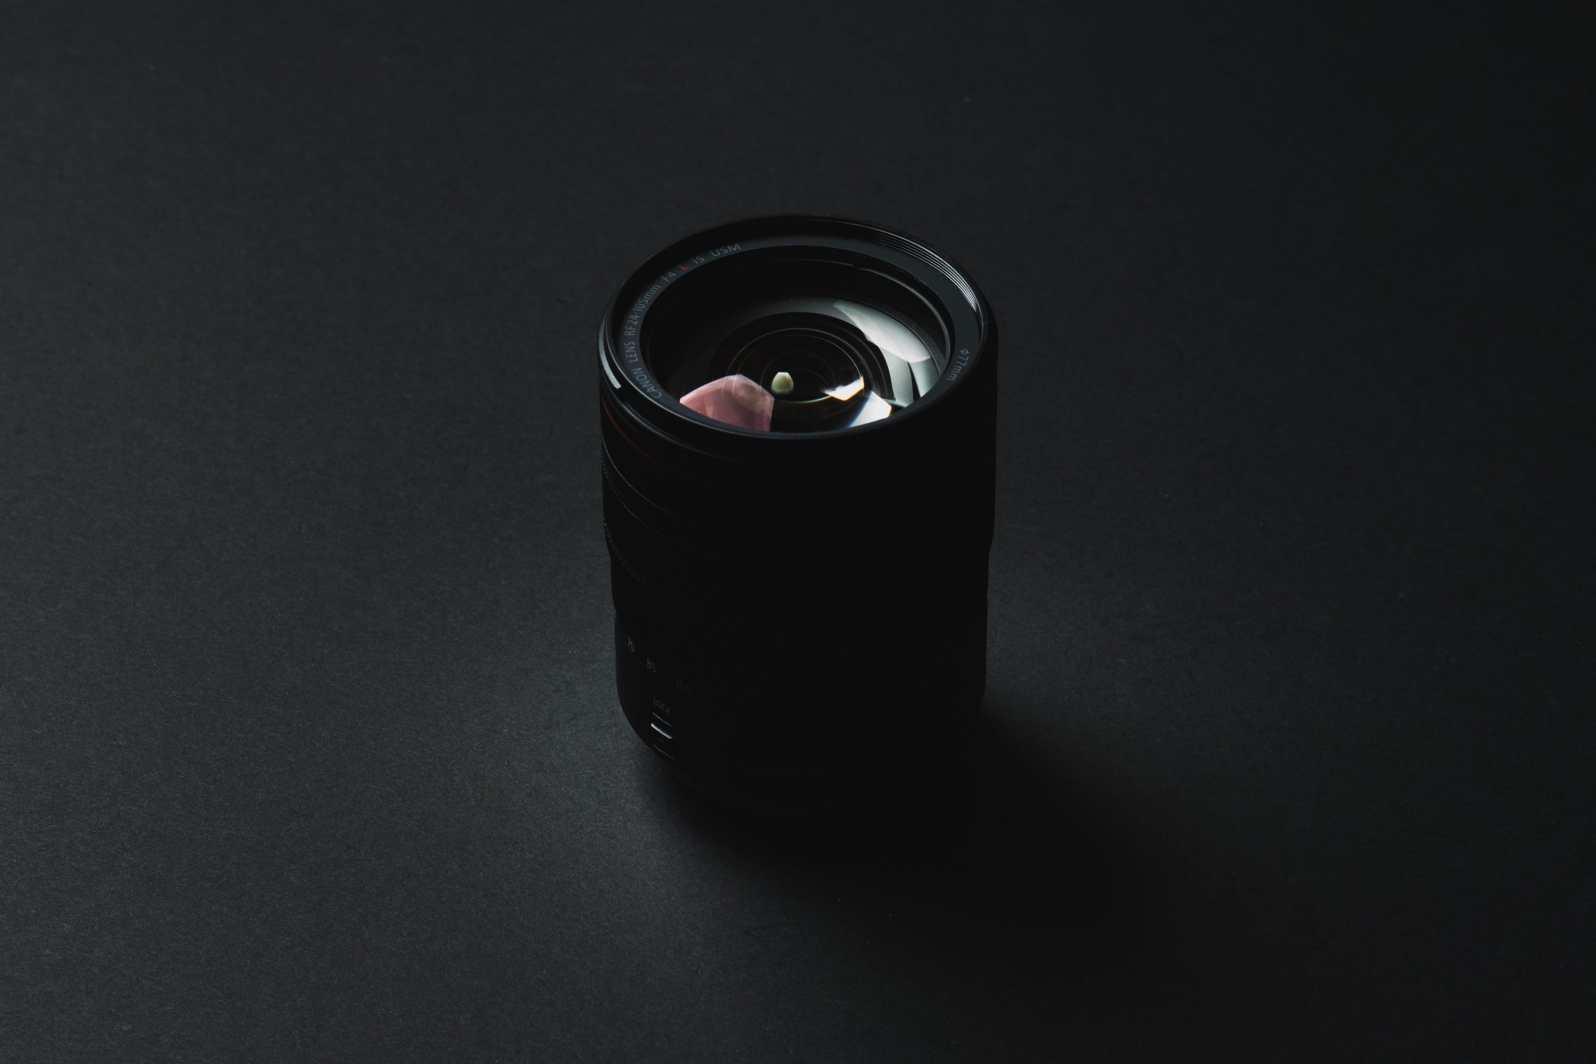 Canon RF 24-105mm f4L Product Shot